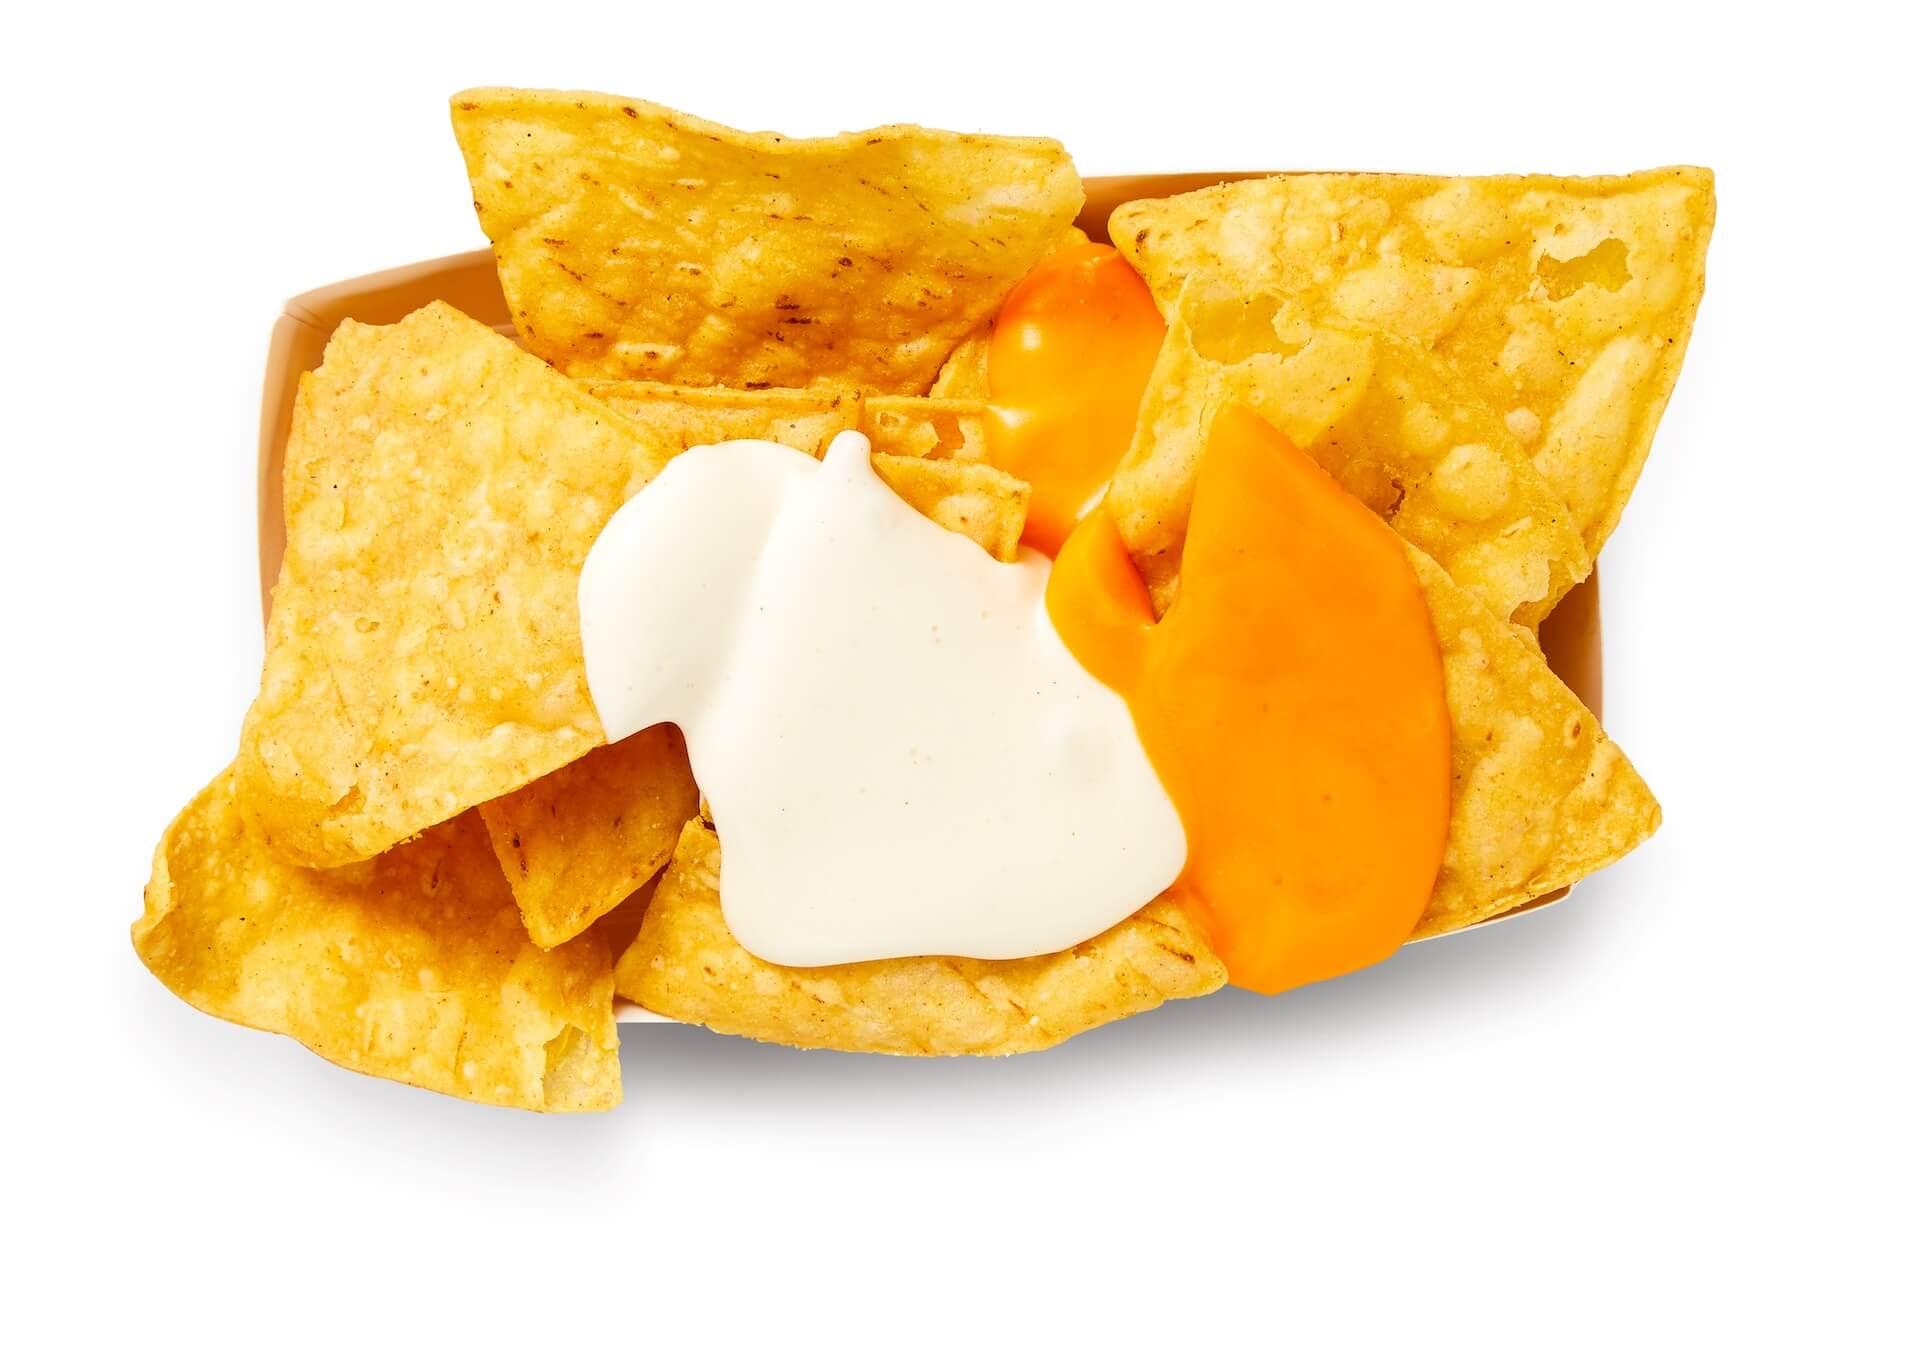 【超朗報】IKEAで<チーズ フェア>が開催!チーズにまみれのホットドッグ、ナチョス、カルボナーラ、スープ、ケーキを味わおう food191112-ikea-cheeze-2